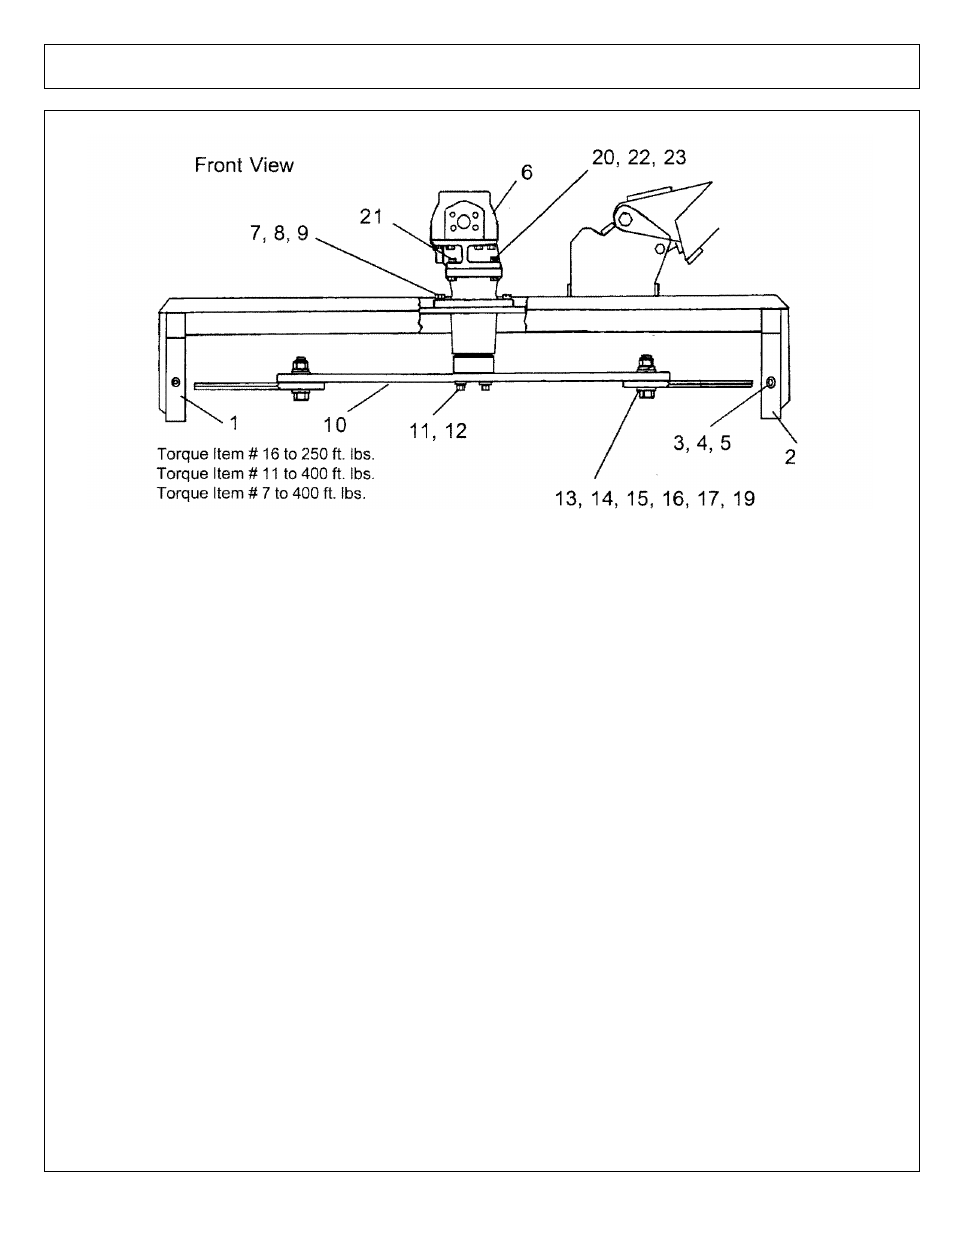 dealer training manual recreditpair professional user manual ebooks u2022 rh justusermanual today